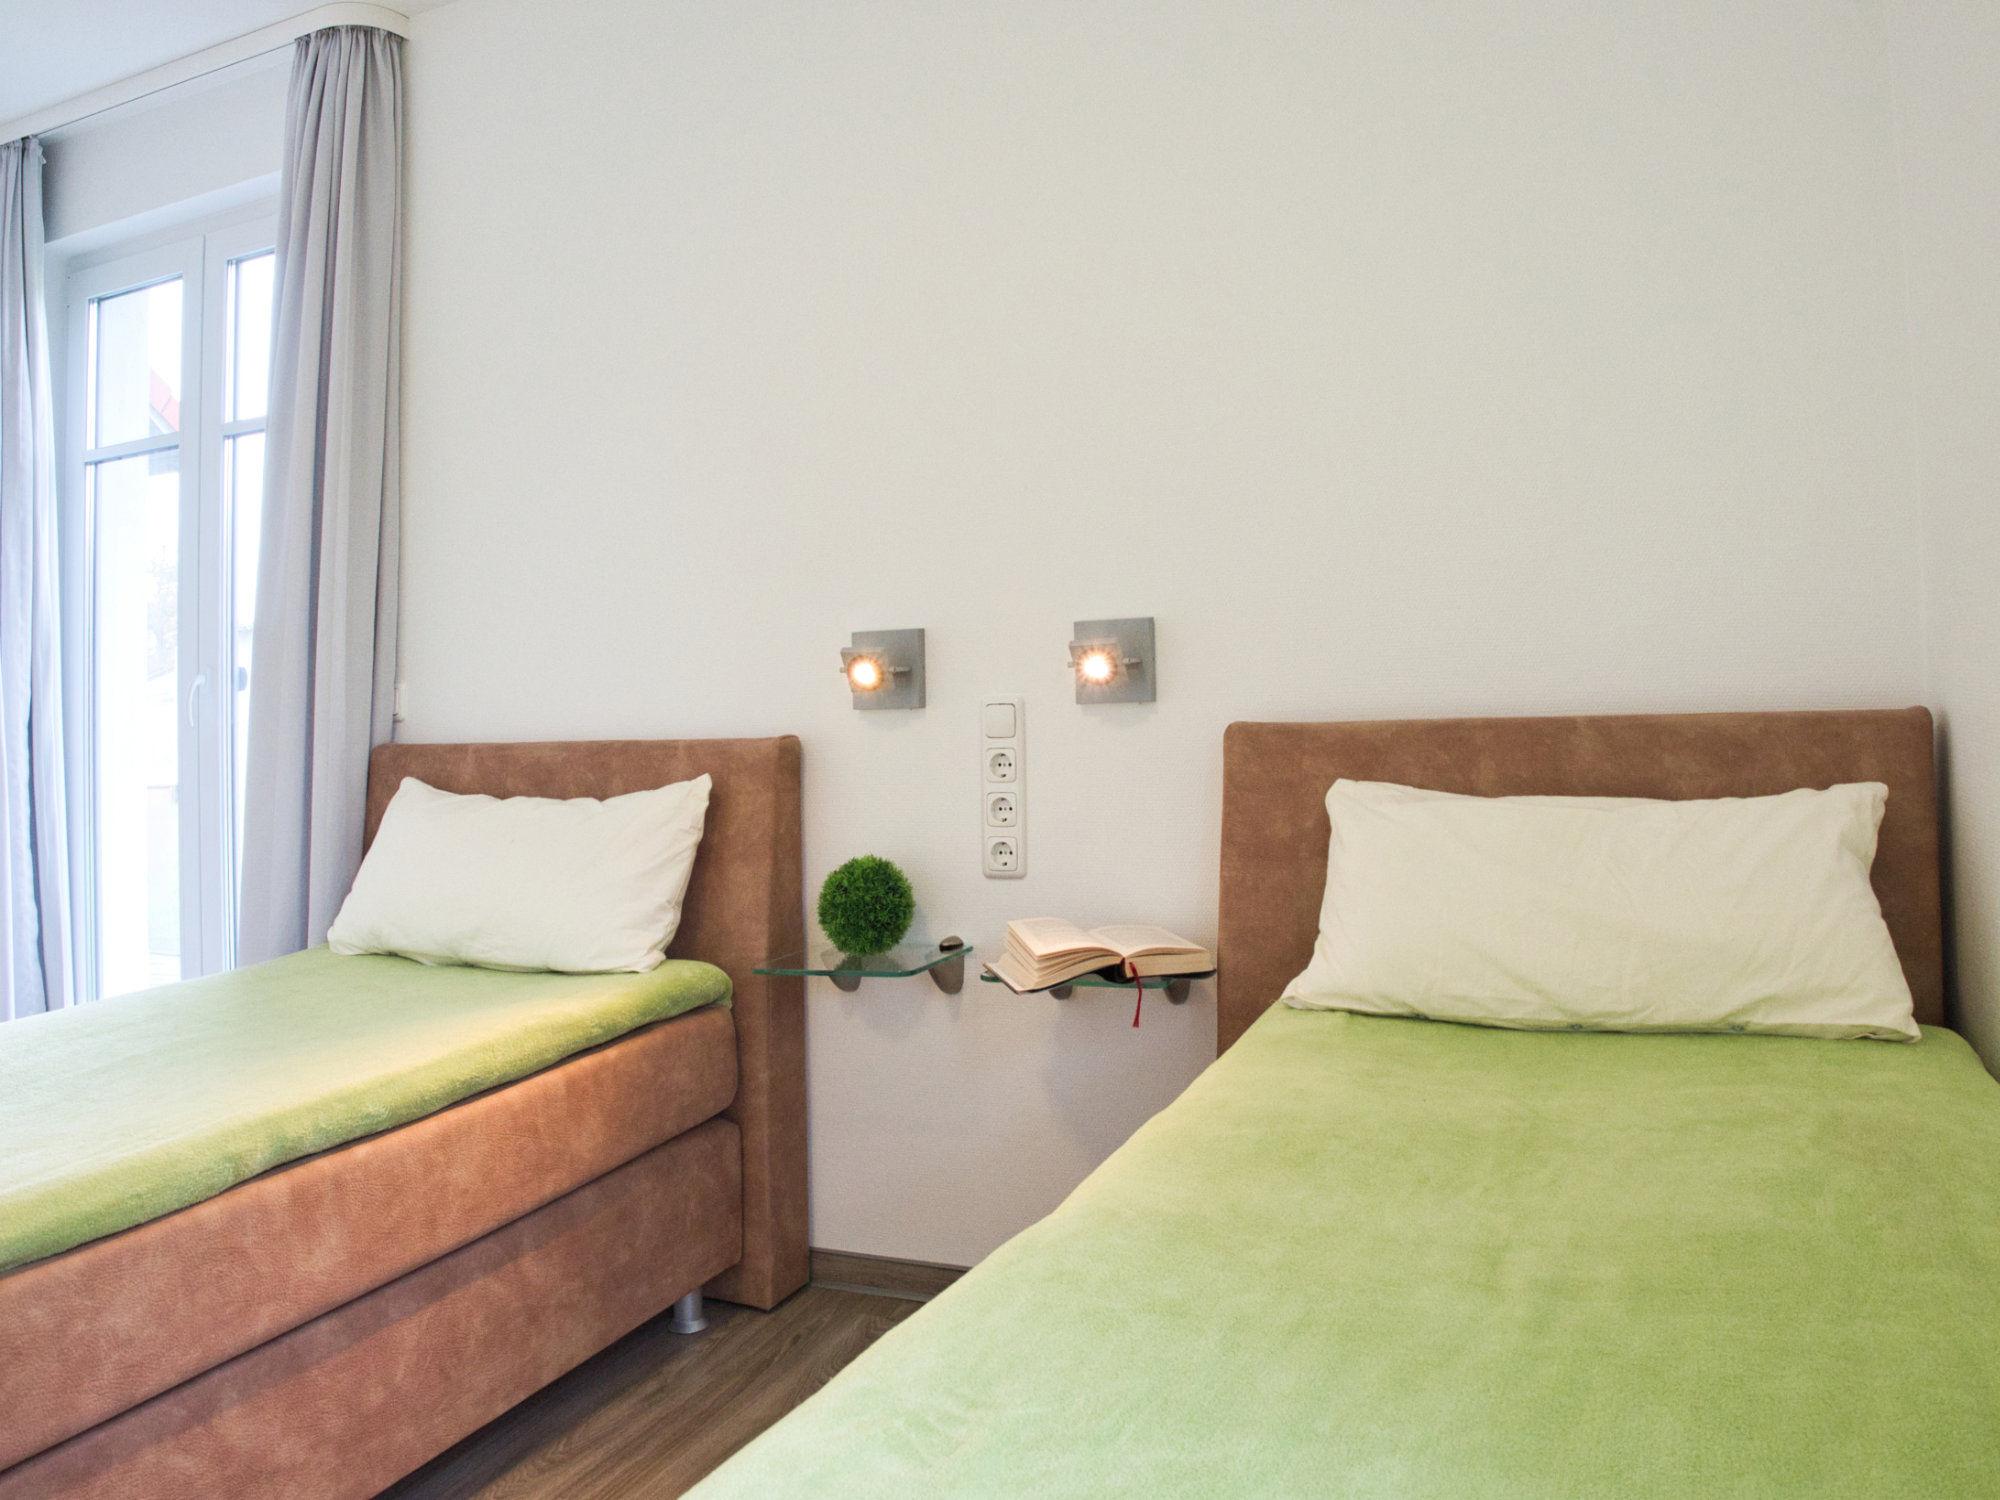 Schlafzimmer mit zwei Einzelbetten und einem bodentiefen Fenster